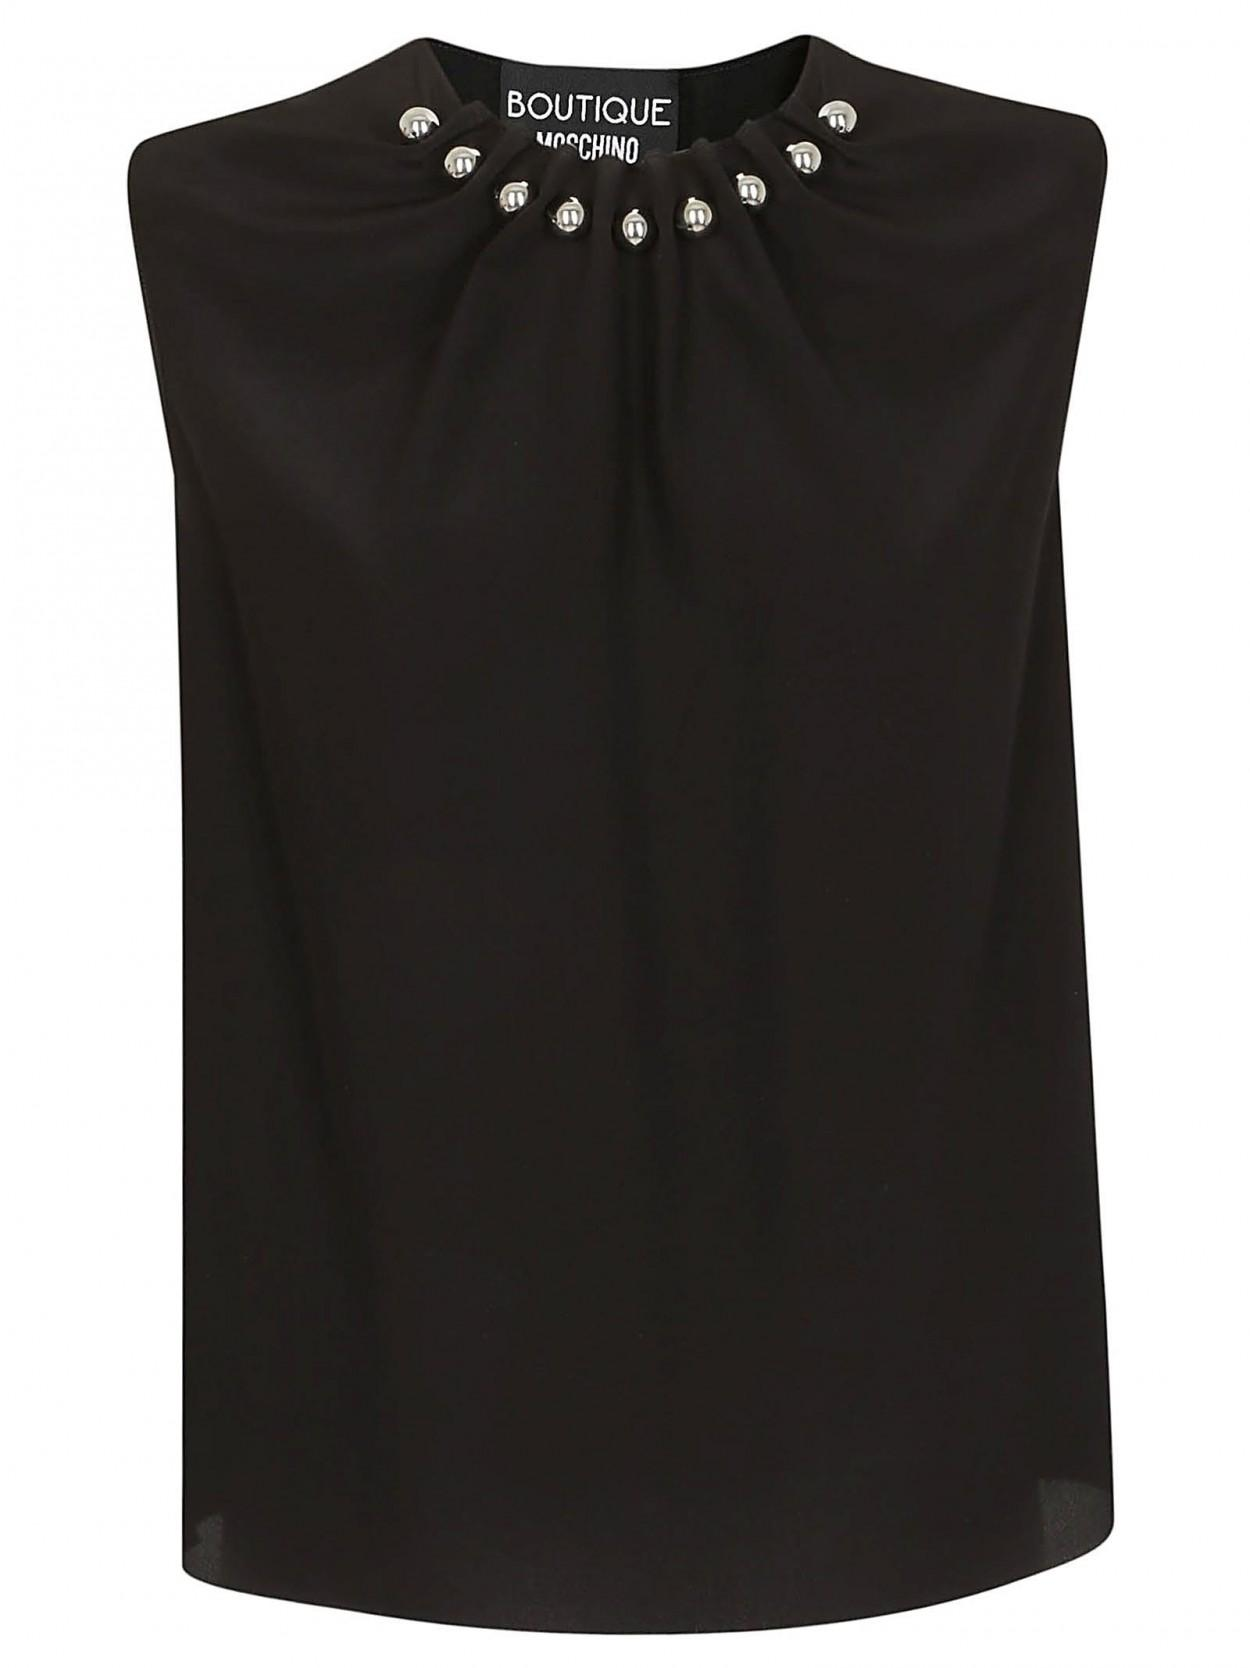 f5a38fdc0d Lyst - Boutique Moschino BOUTIQUE MOSCHINO camicia nera sfere ...